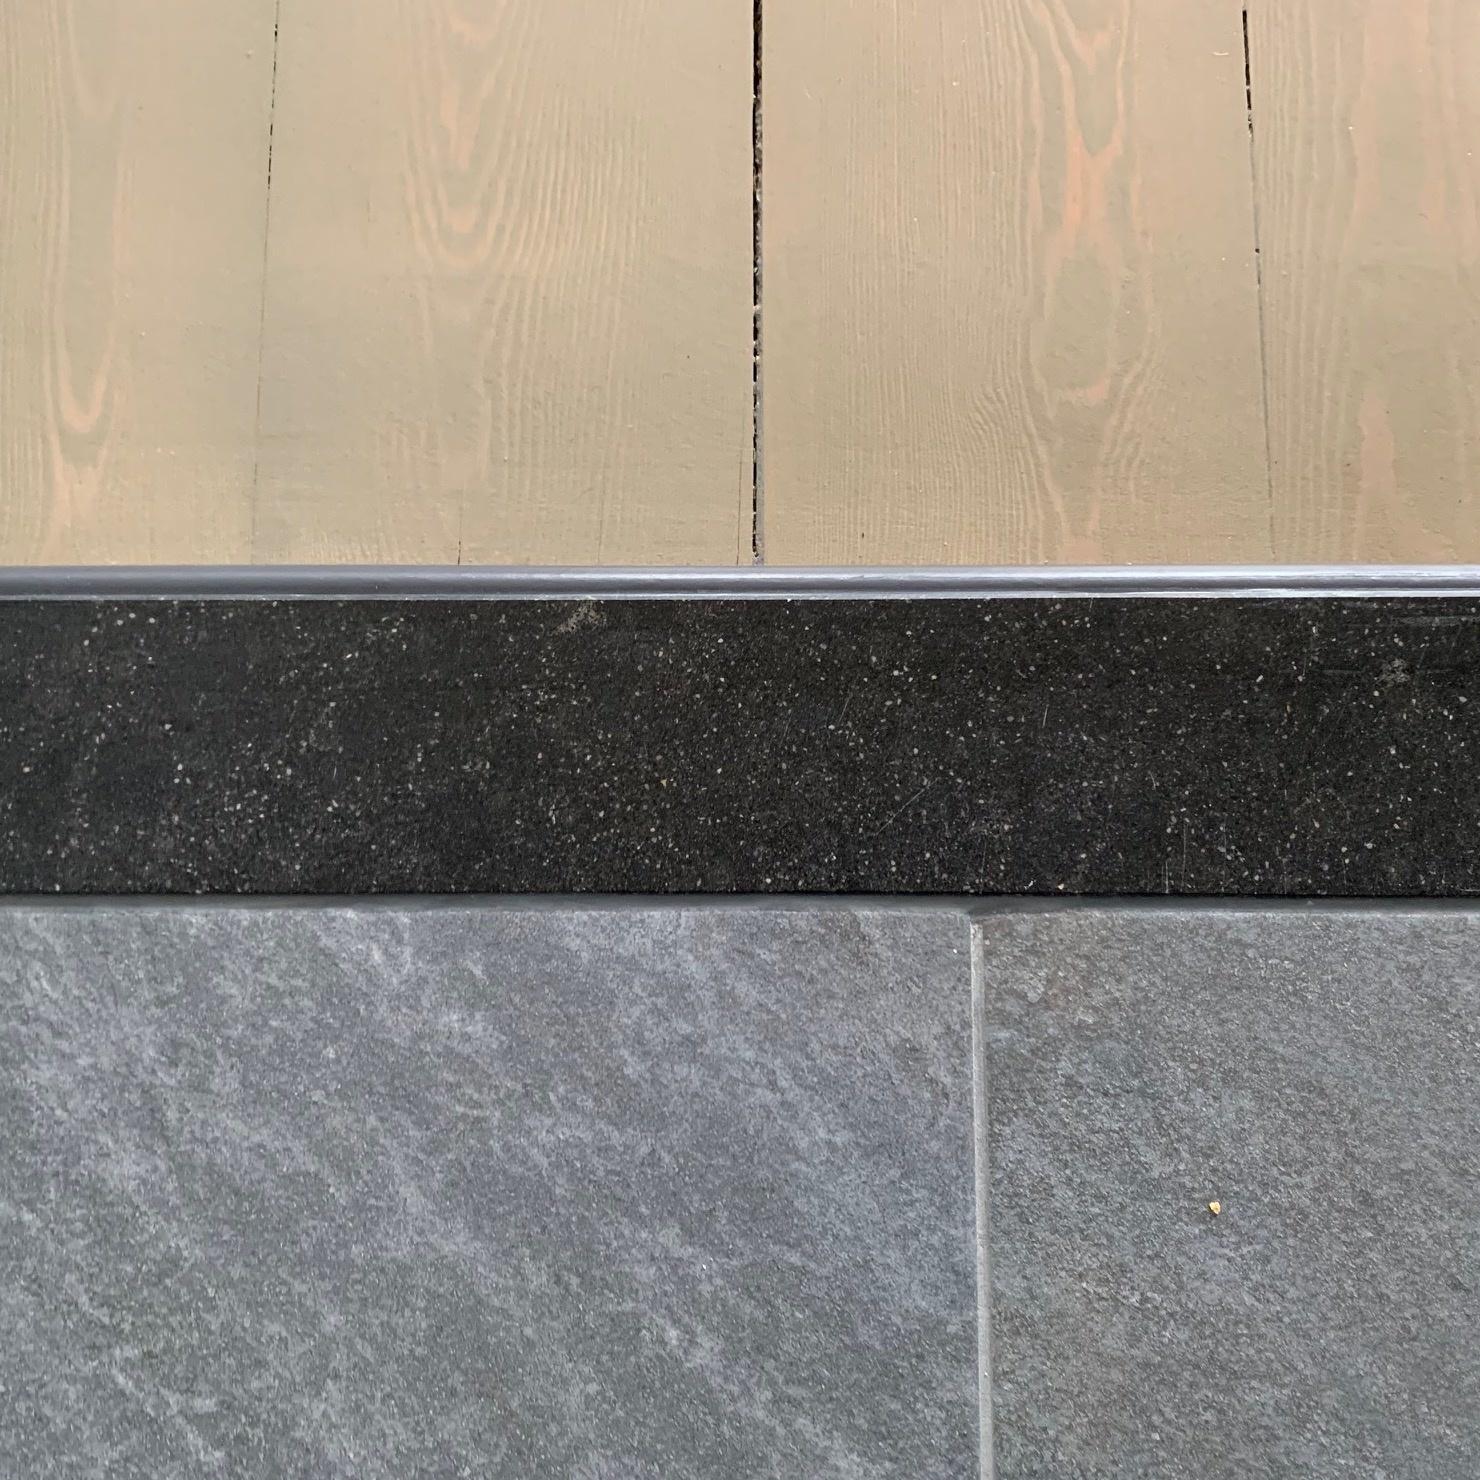 Dorpel composiet Hardsteen look - OP MAAT - 2 cm dik - 2-25 cm breed - 10-230 cm lang -  Binnen(deur)dorpel gepolijst marmer composiet antraciet hardsteen imitatie